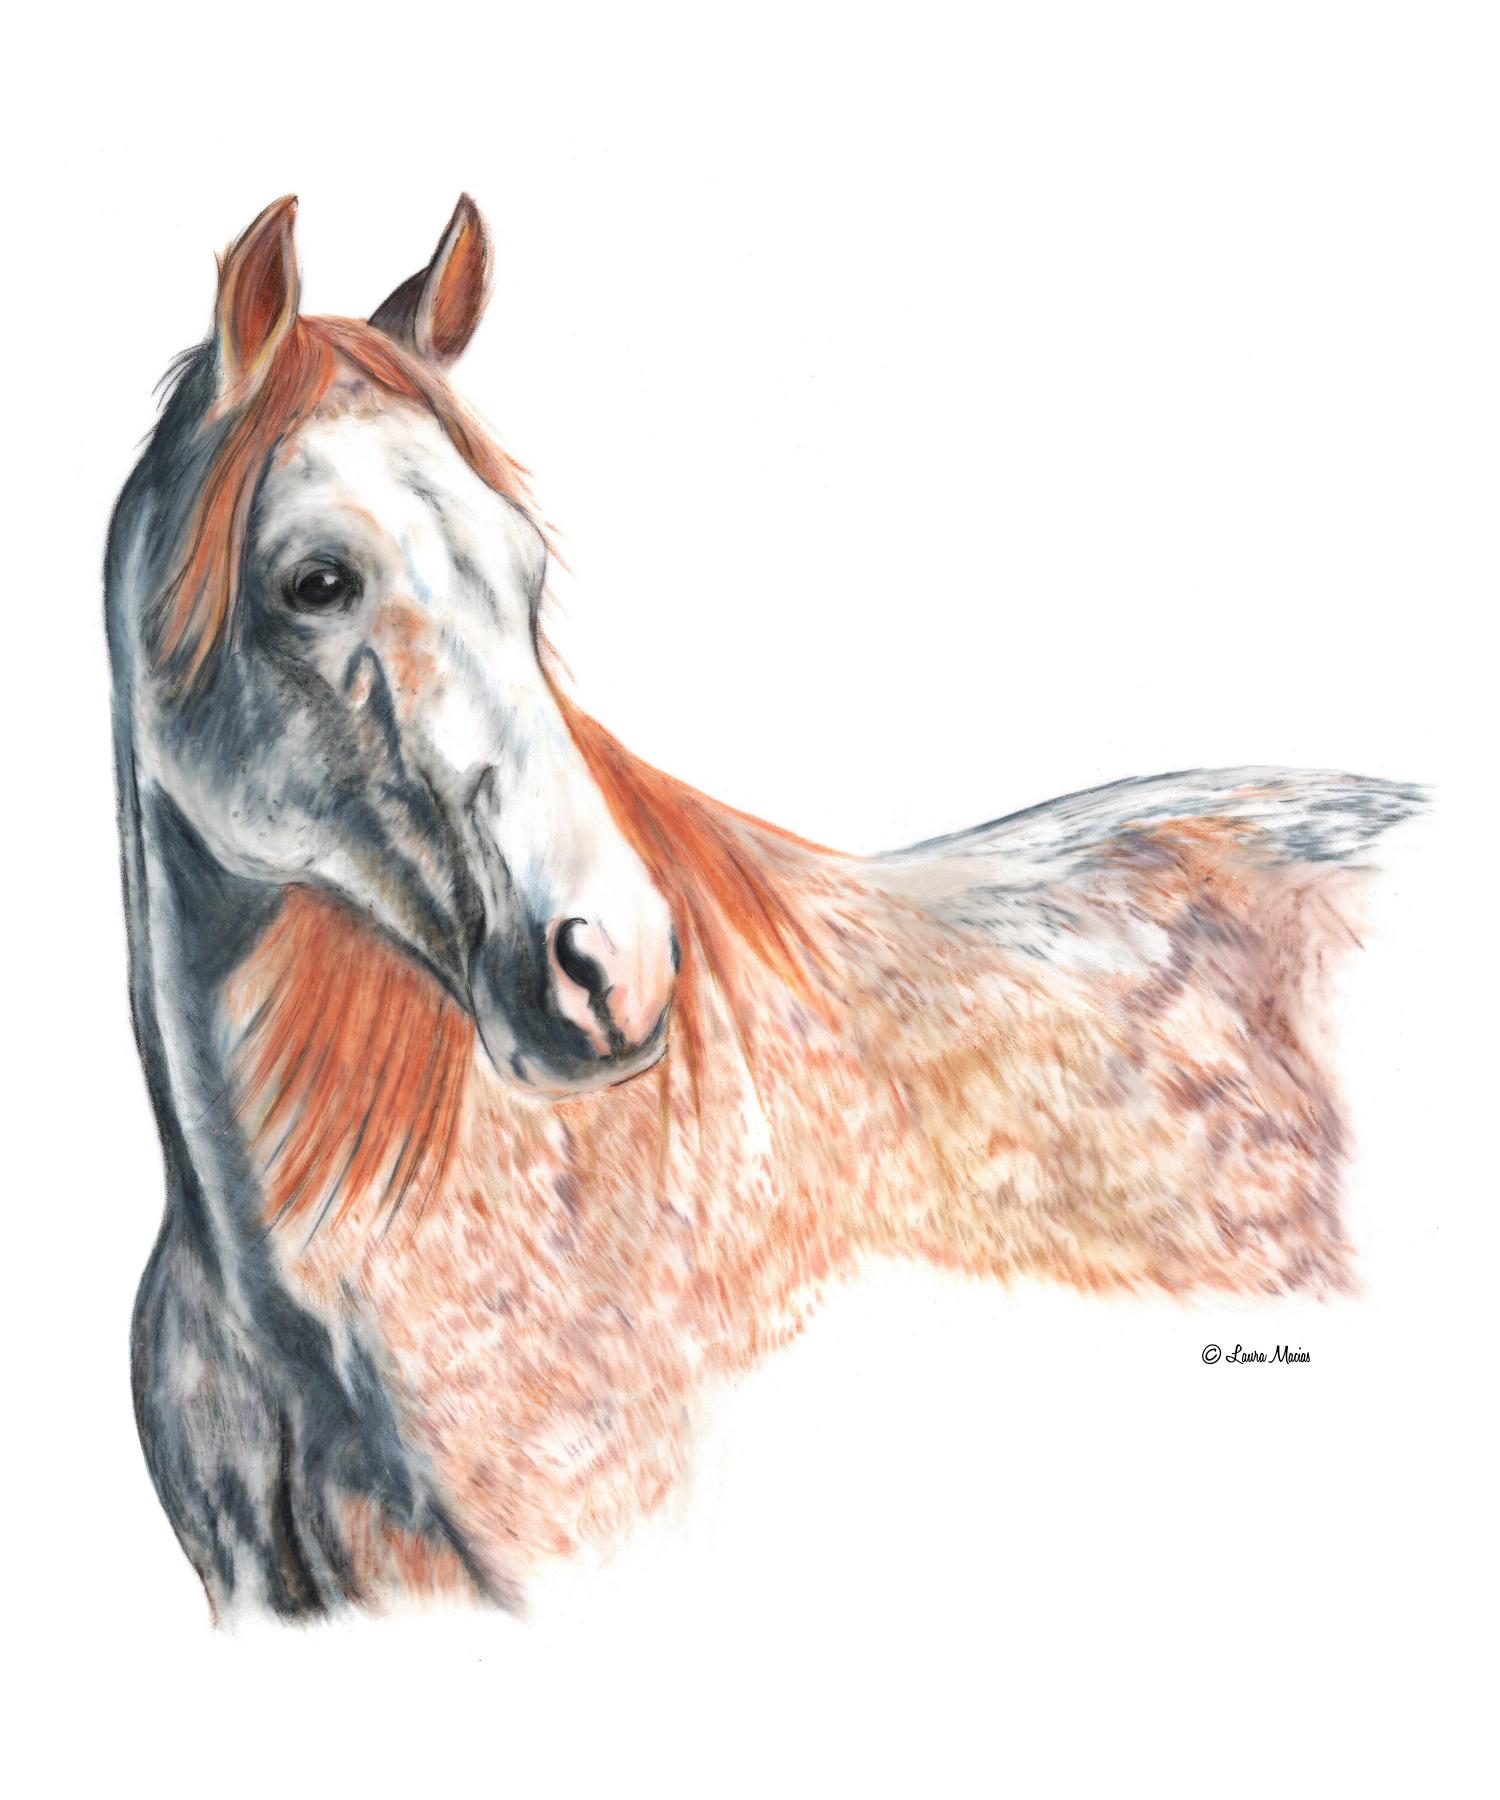 Roan Horse  Equus caballus   Colored Pencil on Film